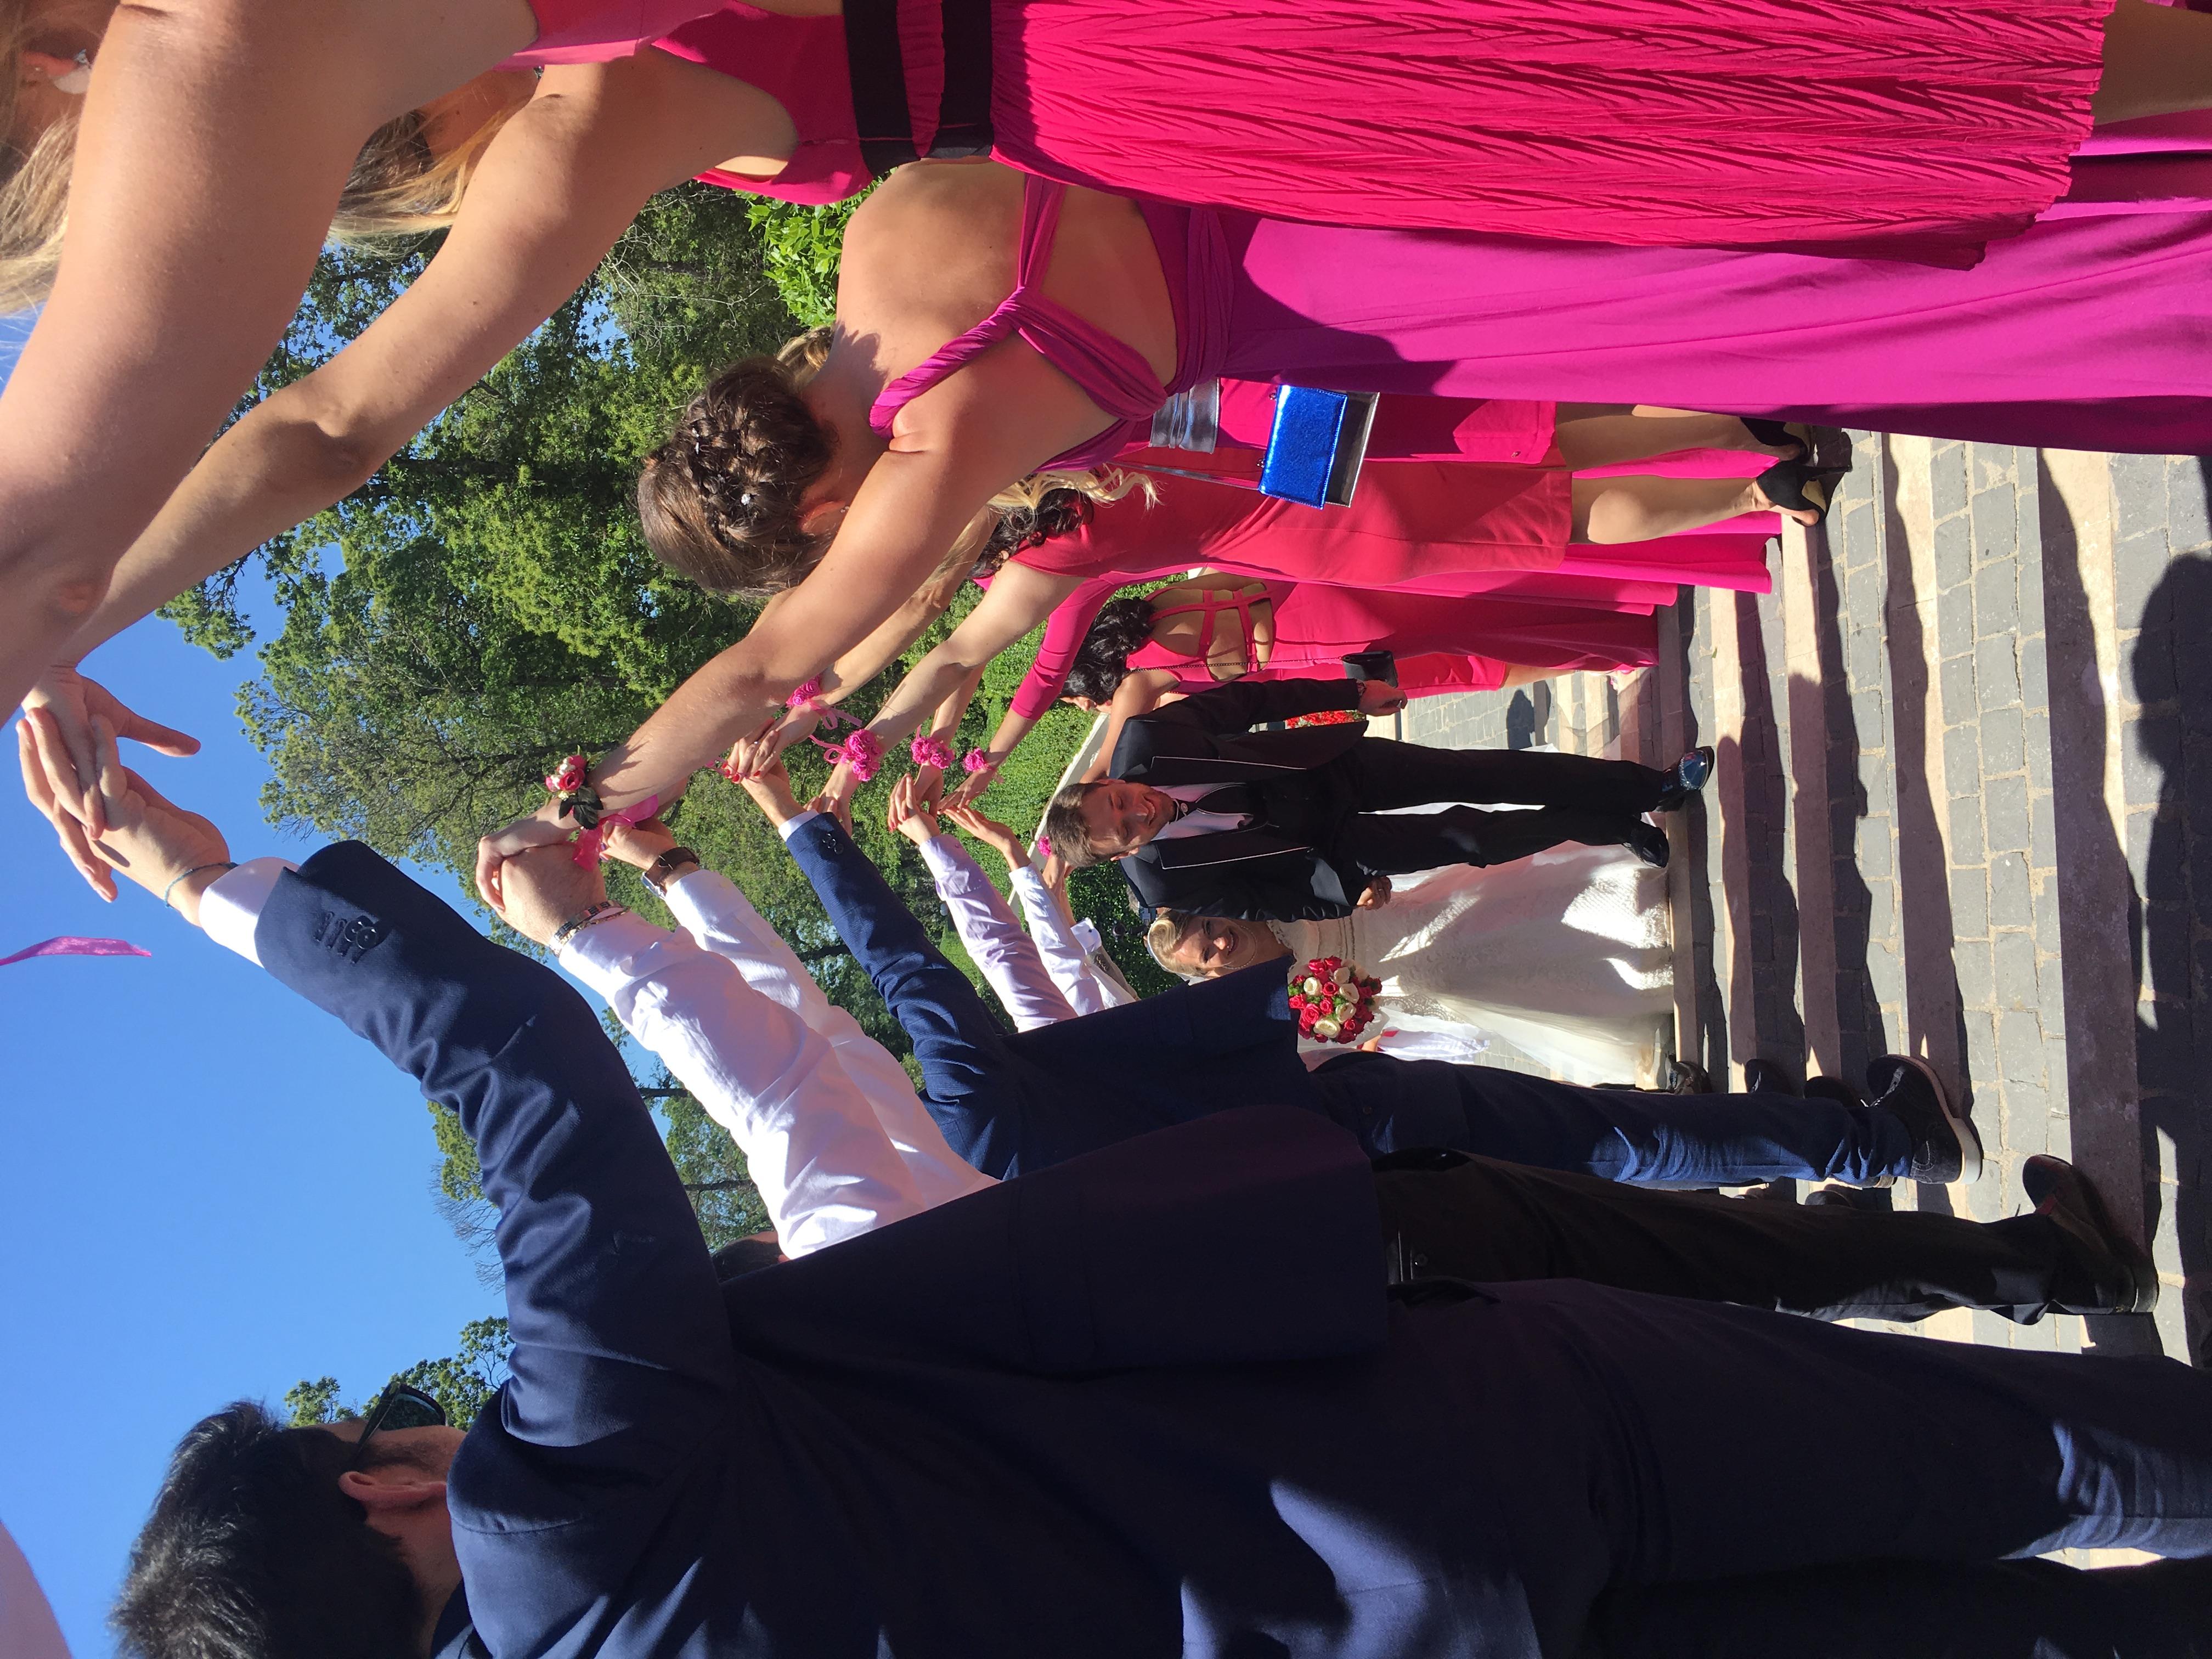 Фото 12 свадьба в Италии на вилле | Кристина и Кристиан | ведущая на итальянском языке - Катрин Моро